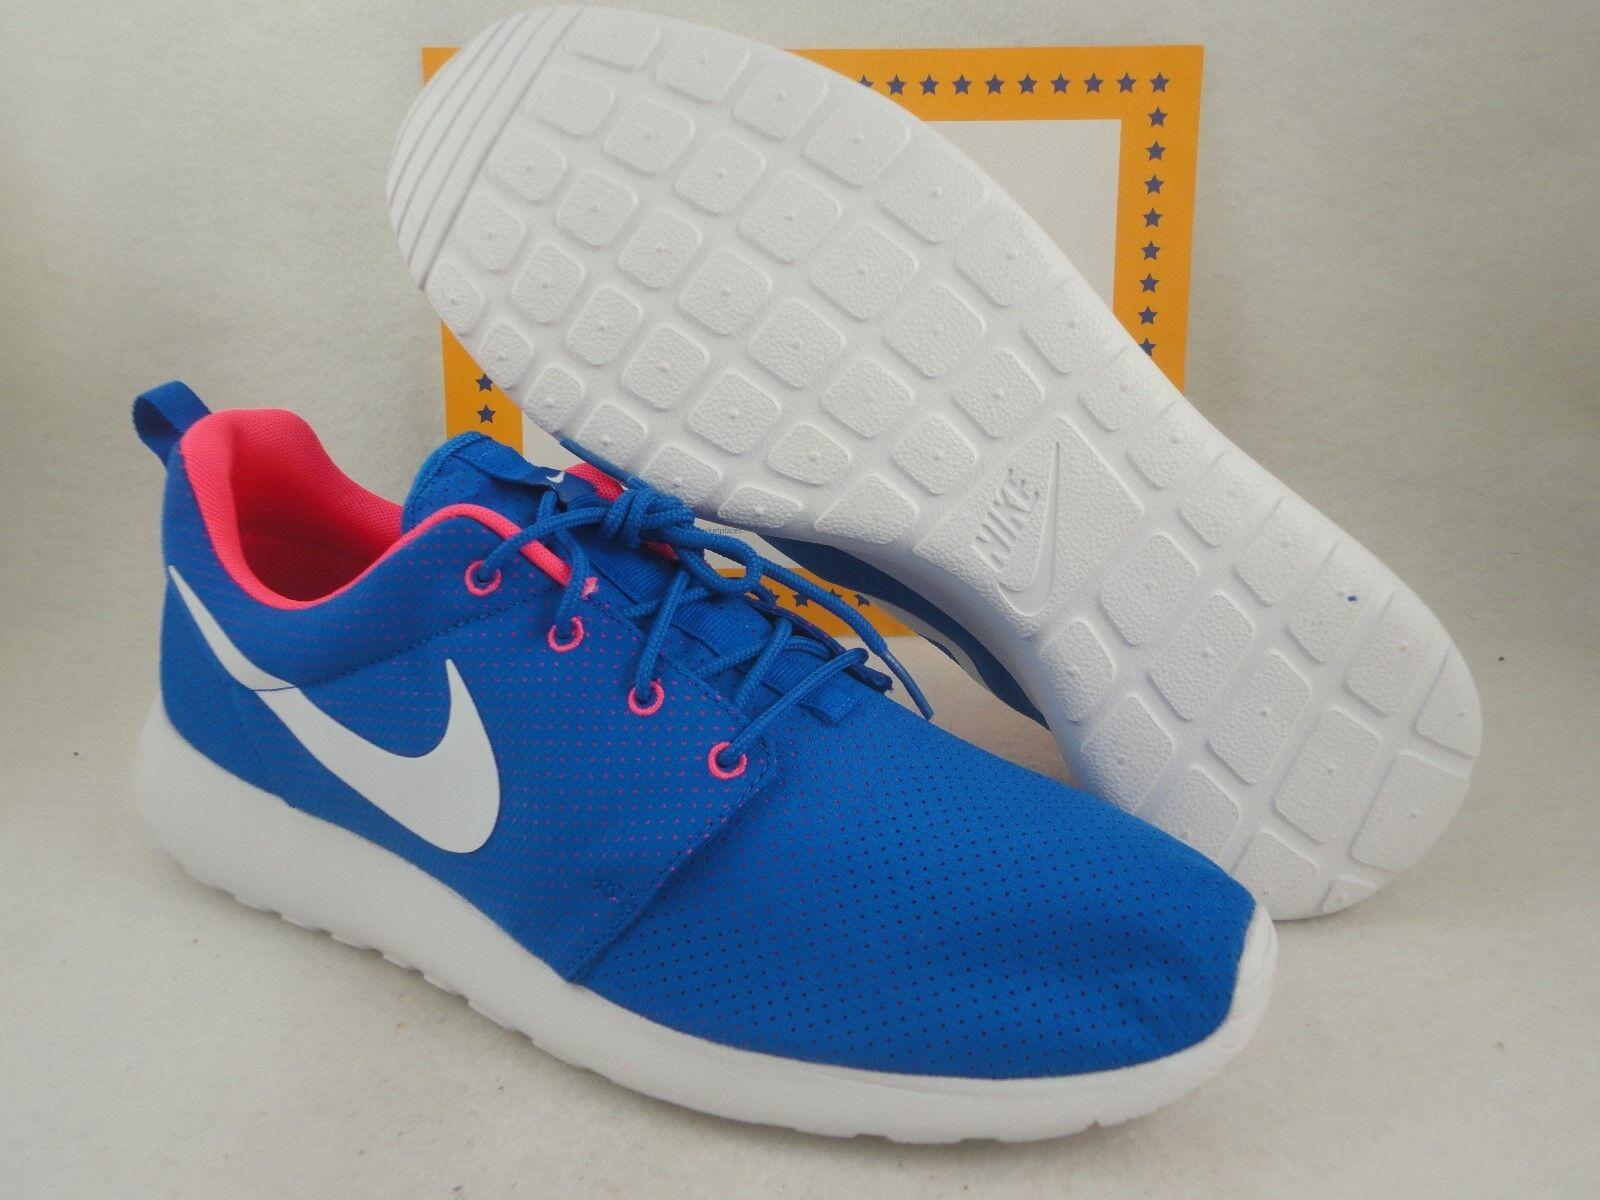 Nike Rosherun, Hyper Cobal / White / Hyper Punch, Size 13